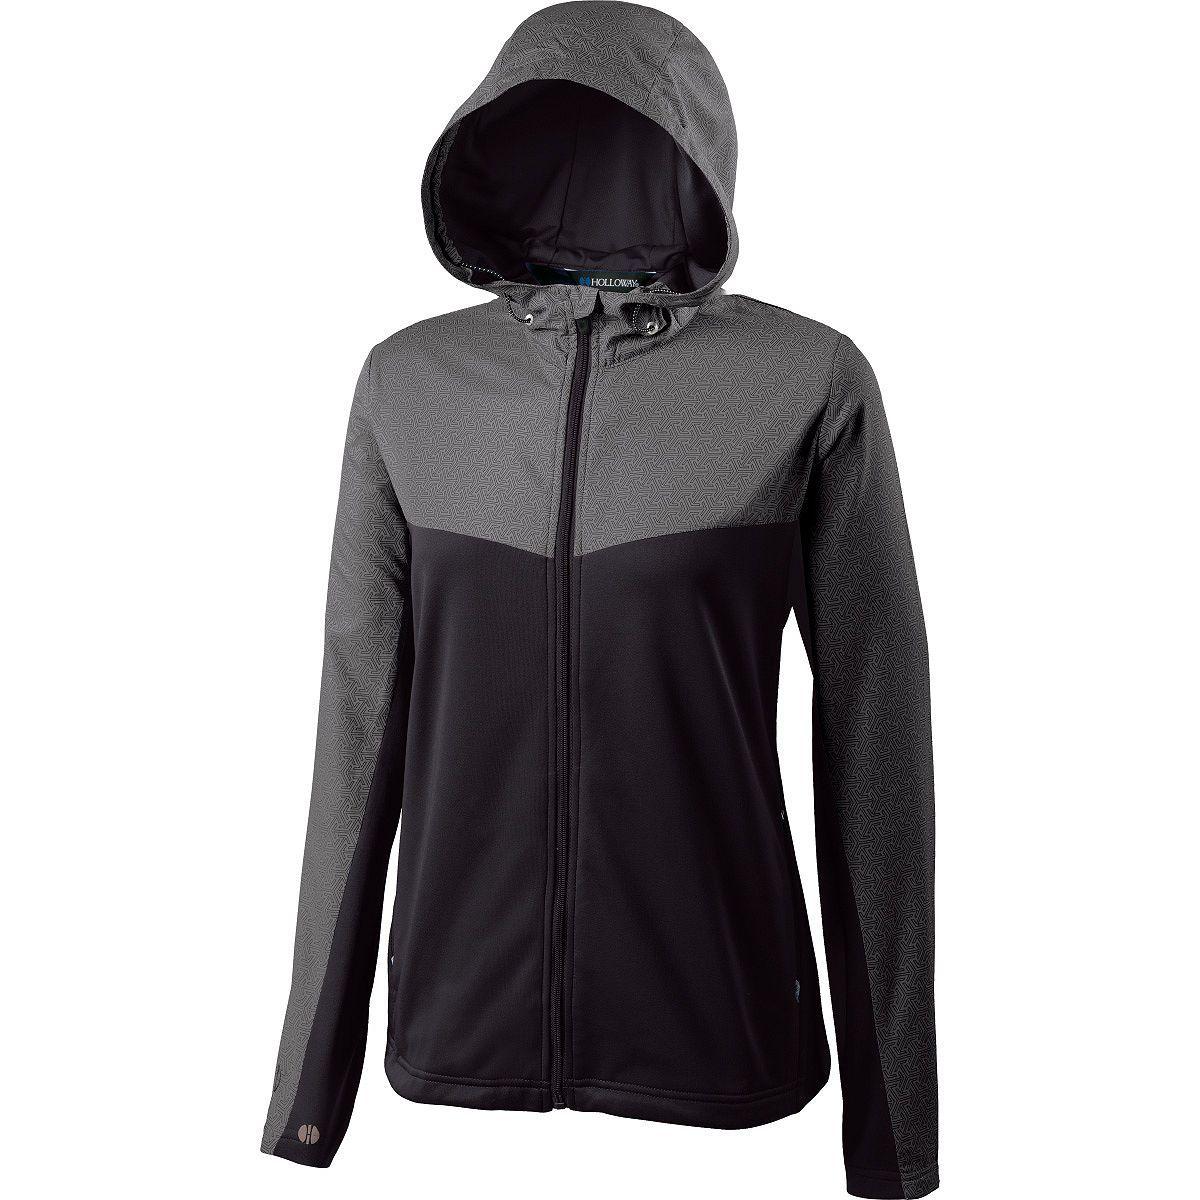 Ladies Crossover Jacket - GREY PRINT/BLACK